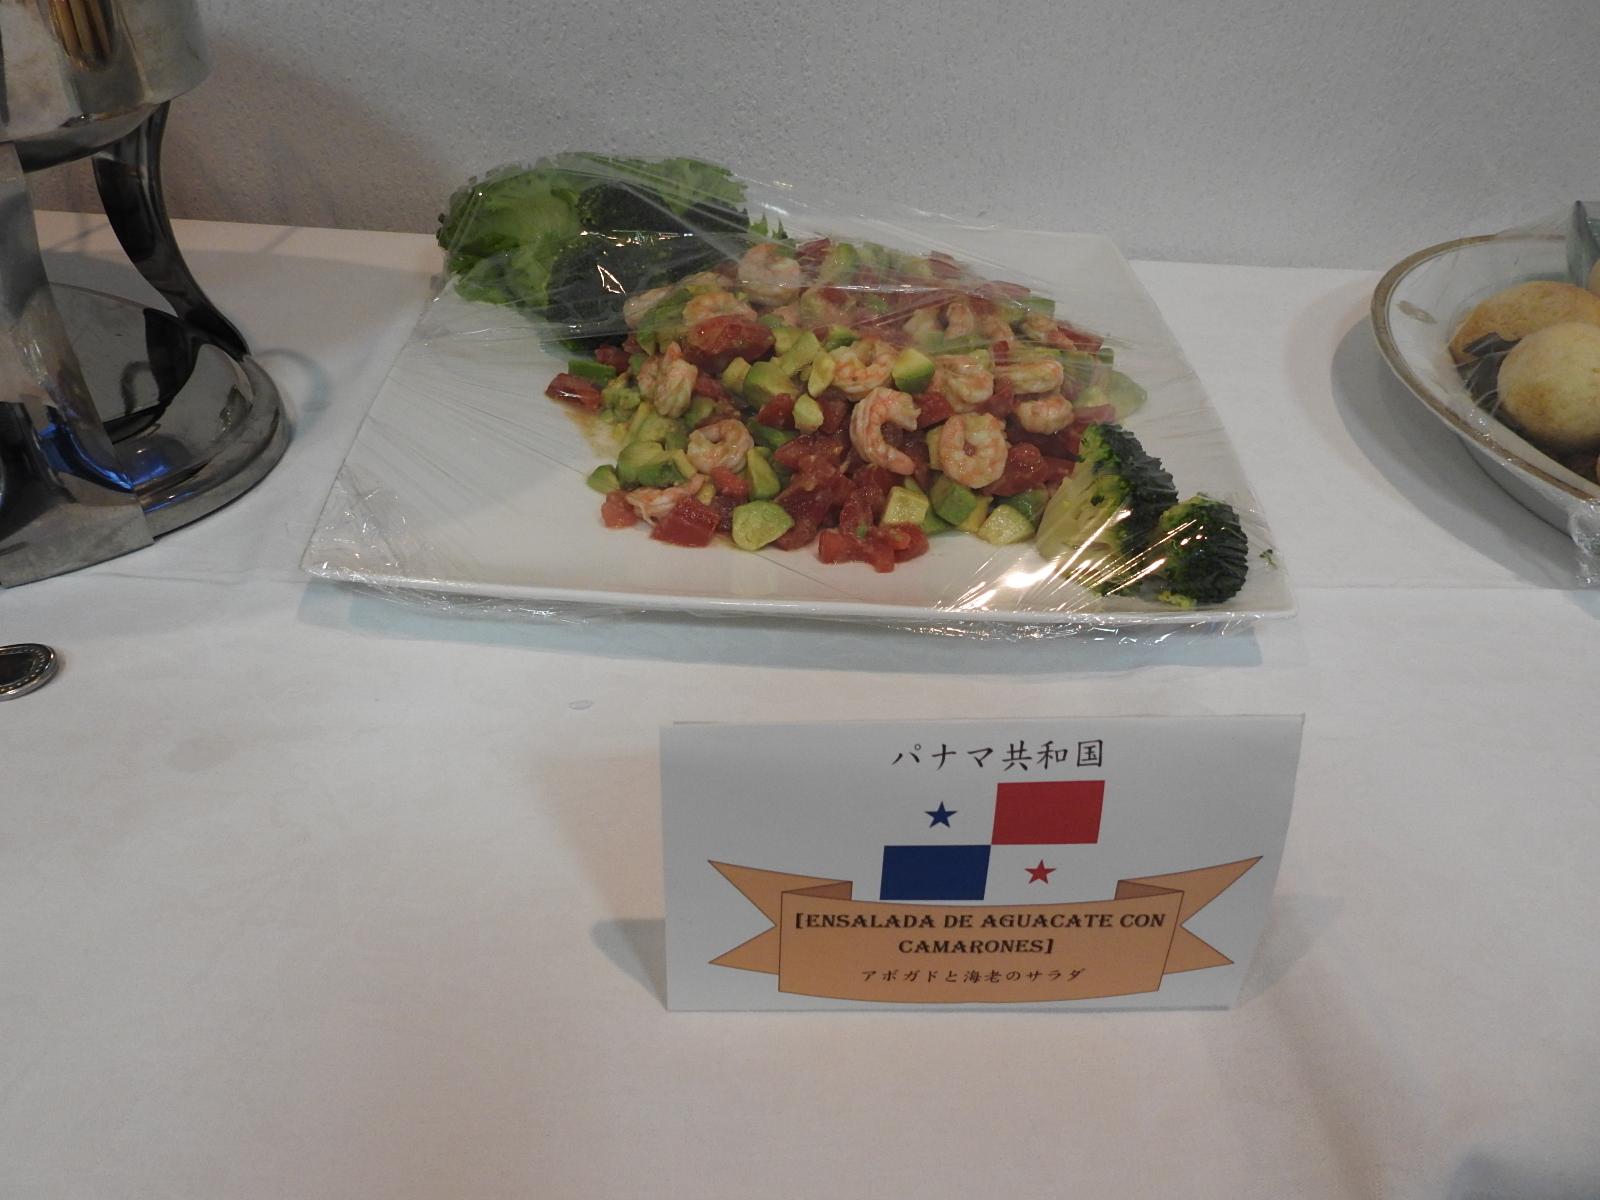 Avocado salad with shrimps